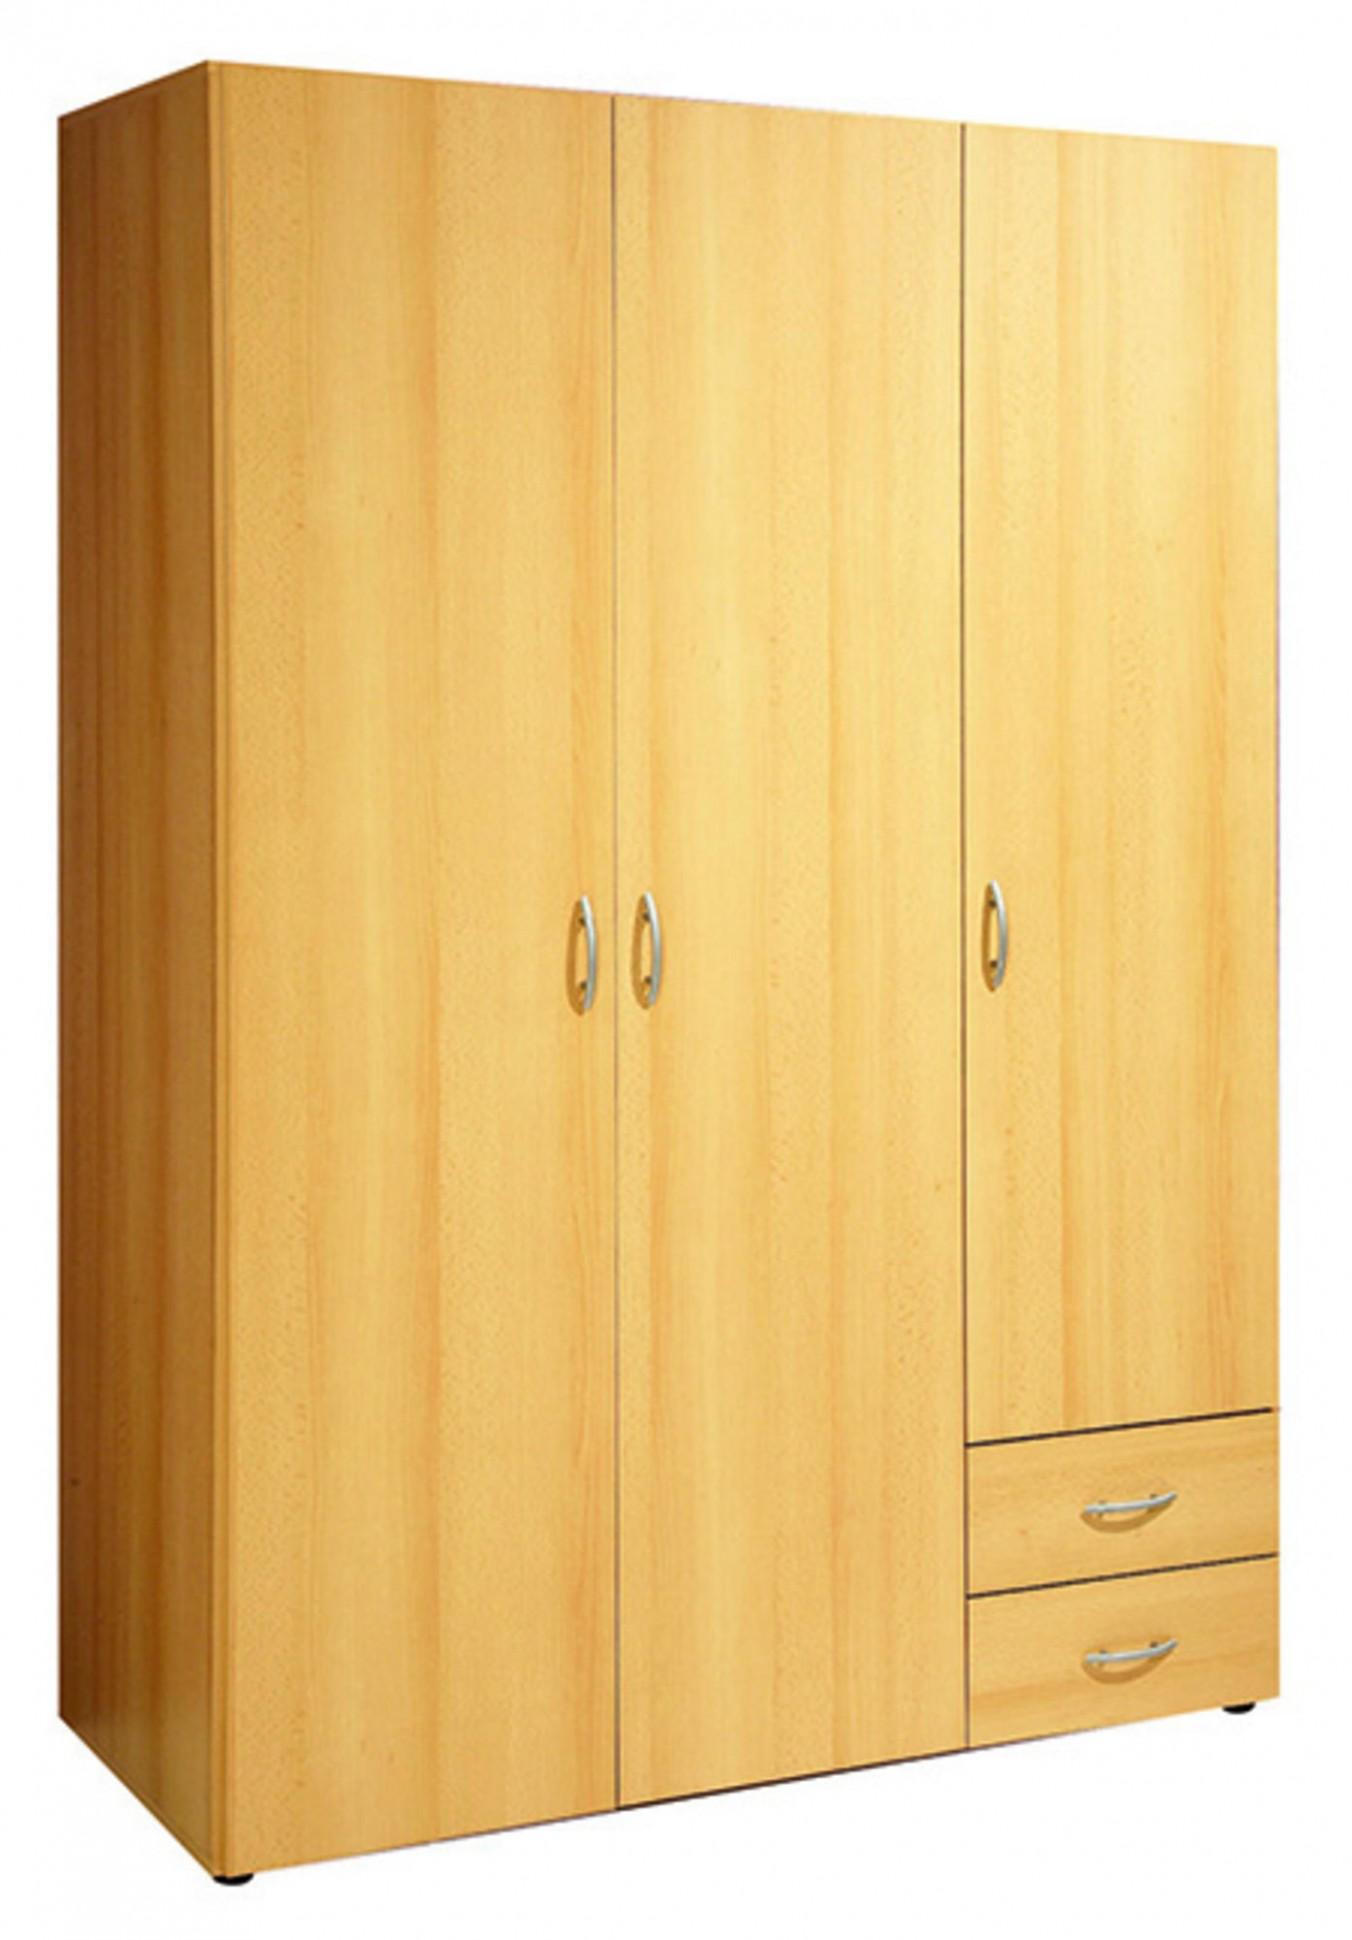 Šatní skříň BASE 32 SCONTO sleva - Nejlevnější nábytek do vašich domovů